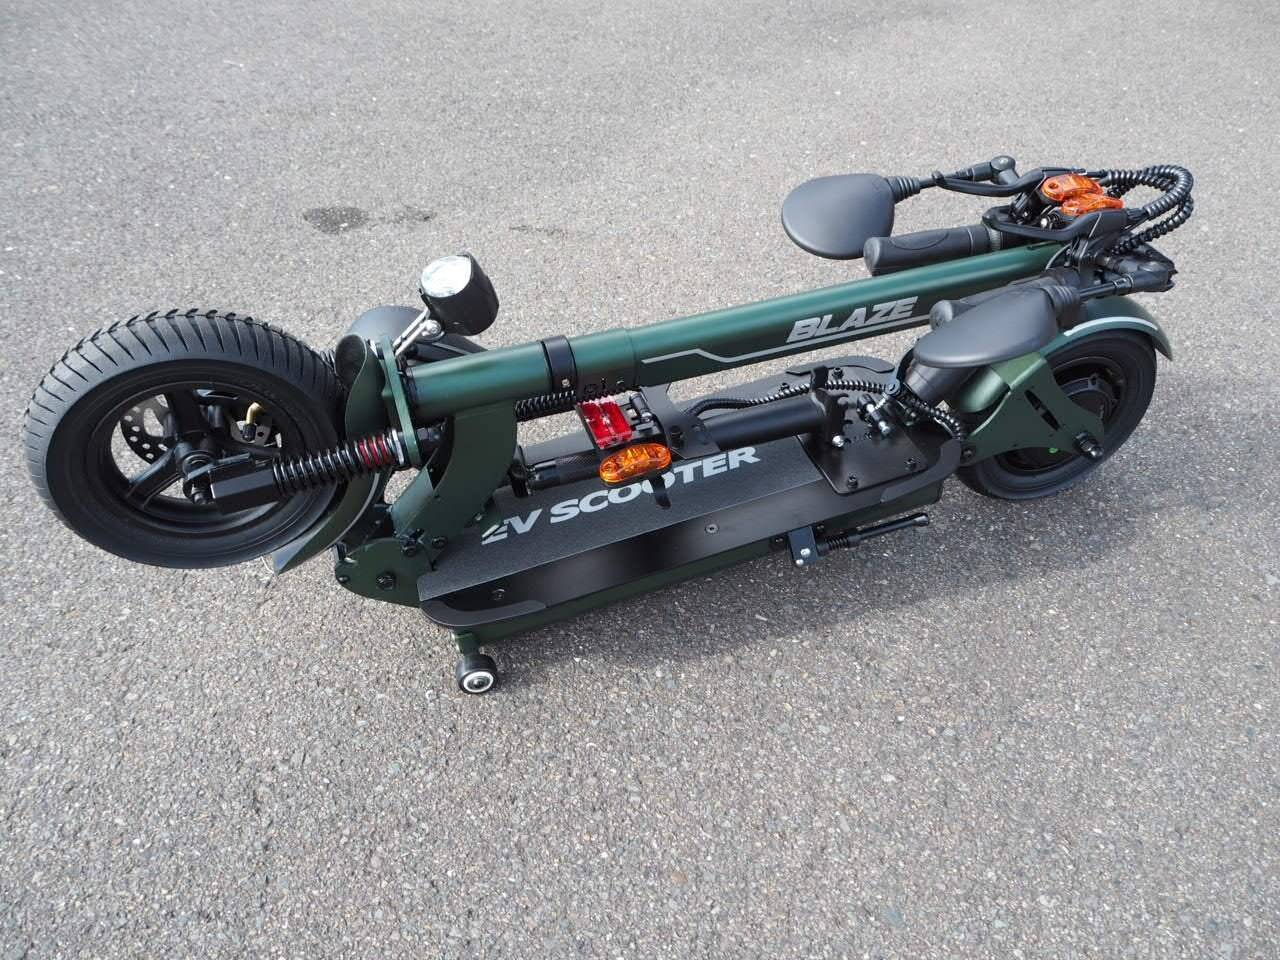 100%電気で動く折畳み可能な電動バイク ブレイズEVスクーター(カーキ色)【現金払い・銀行振り込み専用チケット】のイメージその3